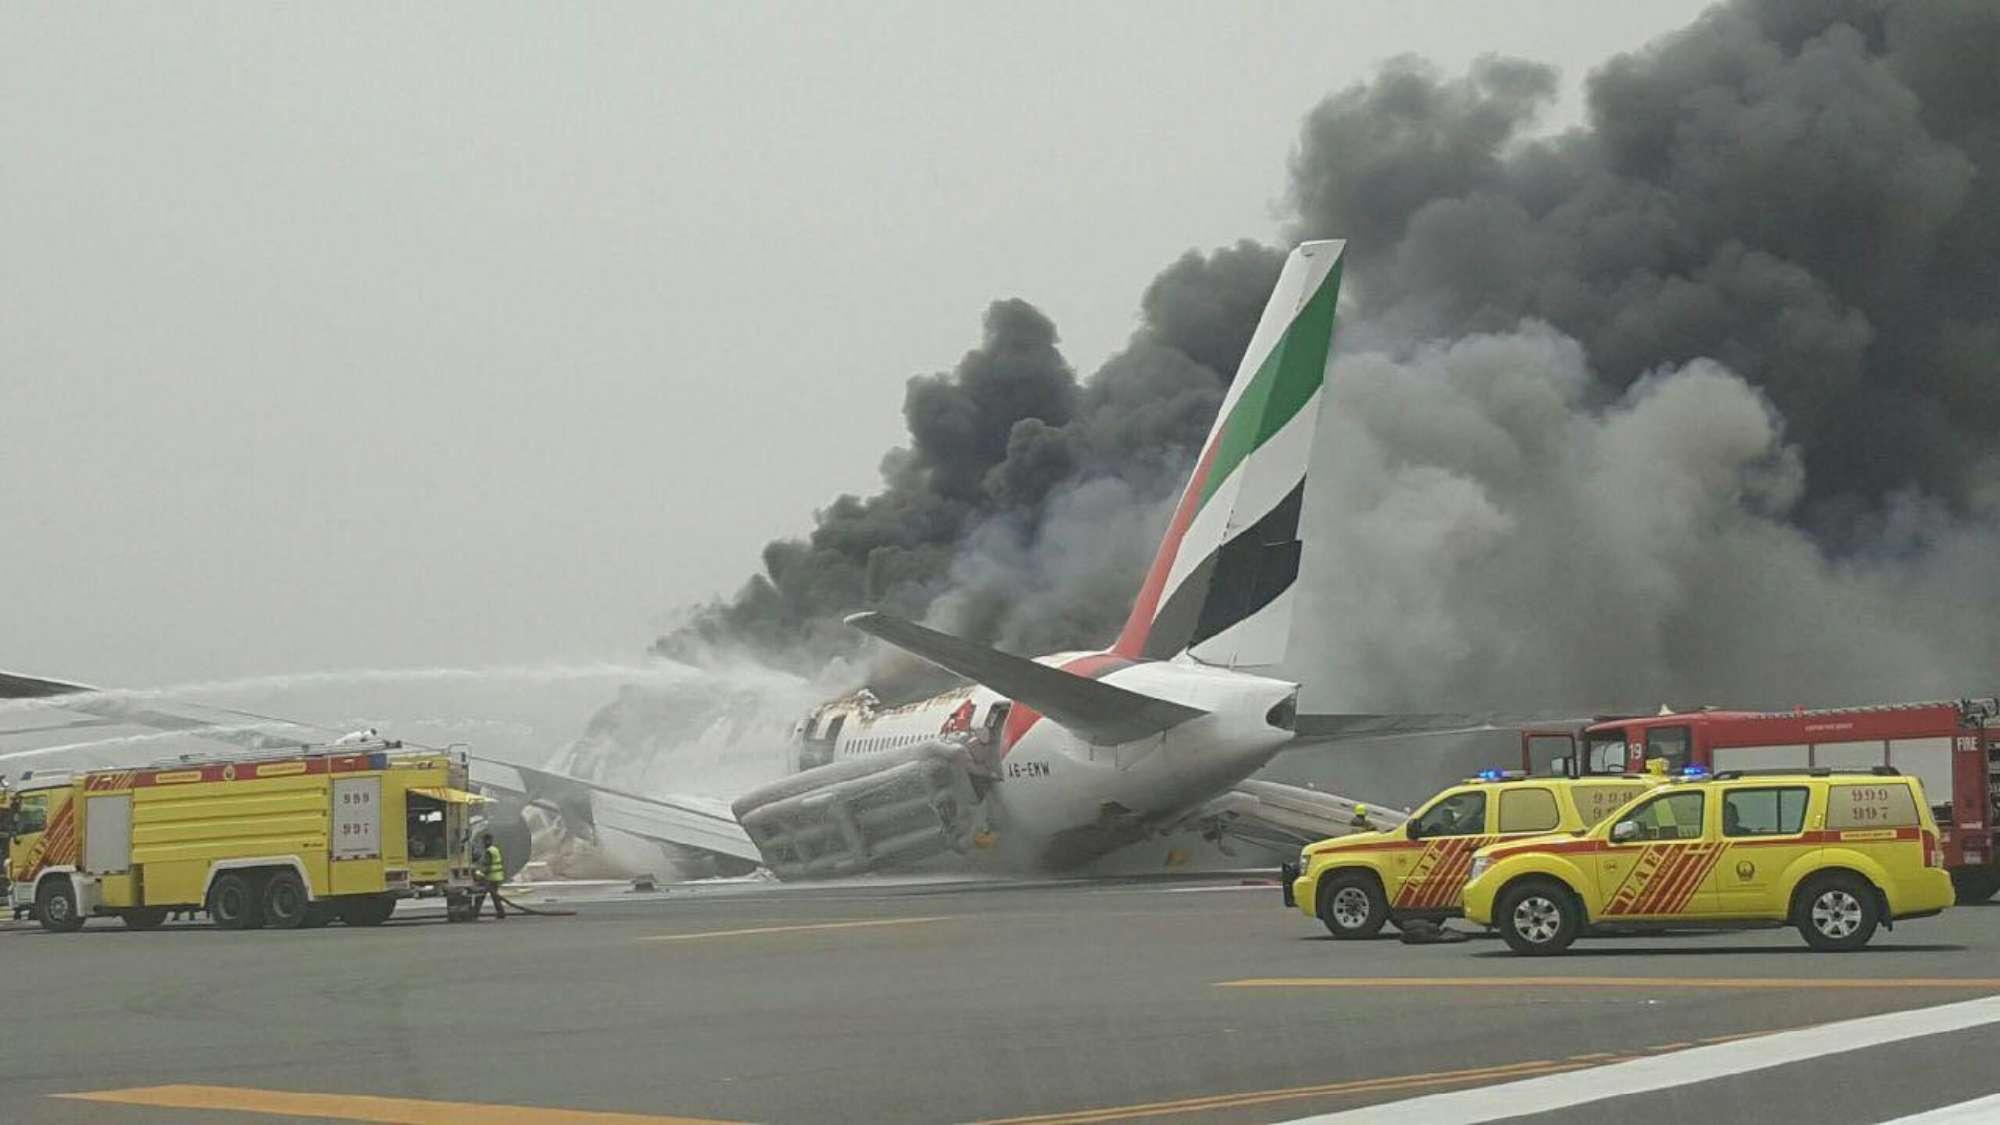 Dubai, incidente su un aereo Emirates: atterraggio di emergenza